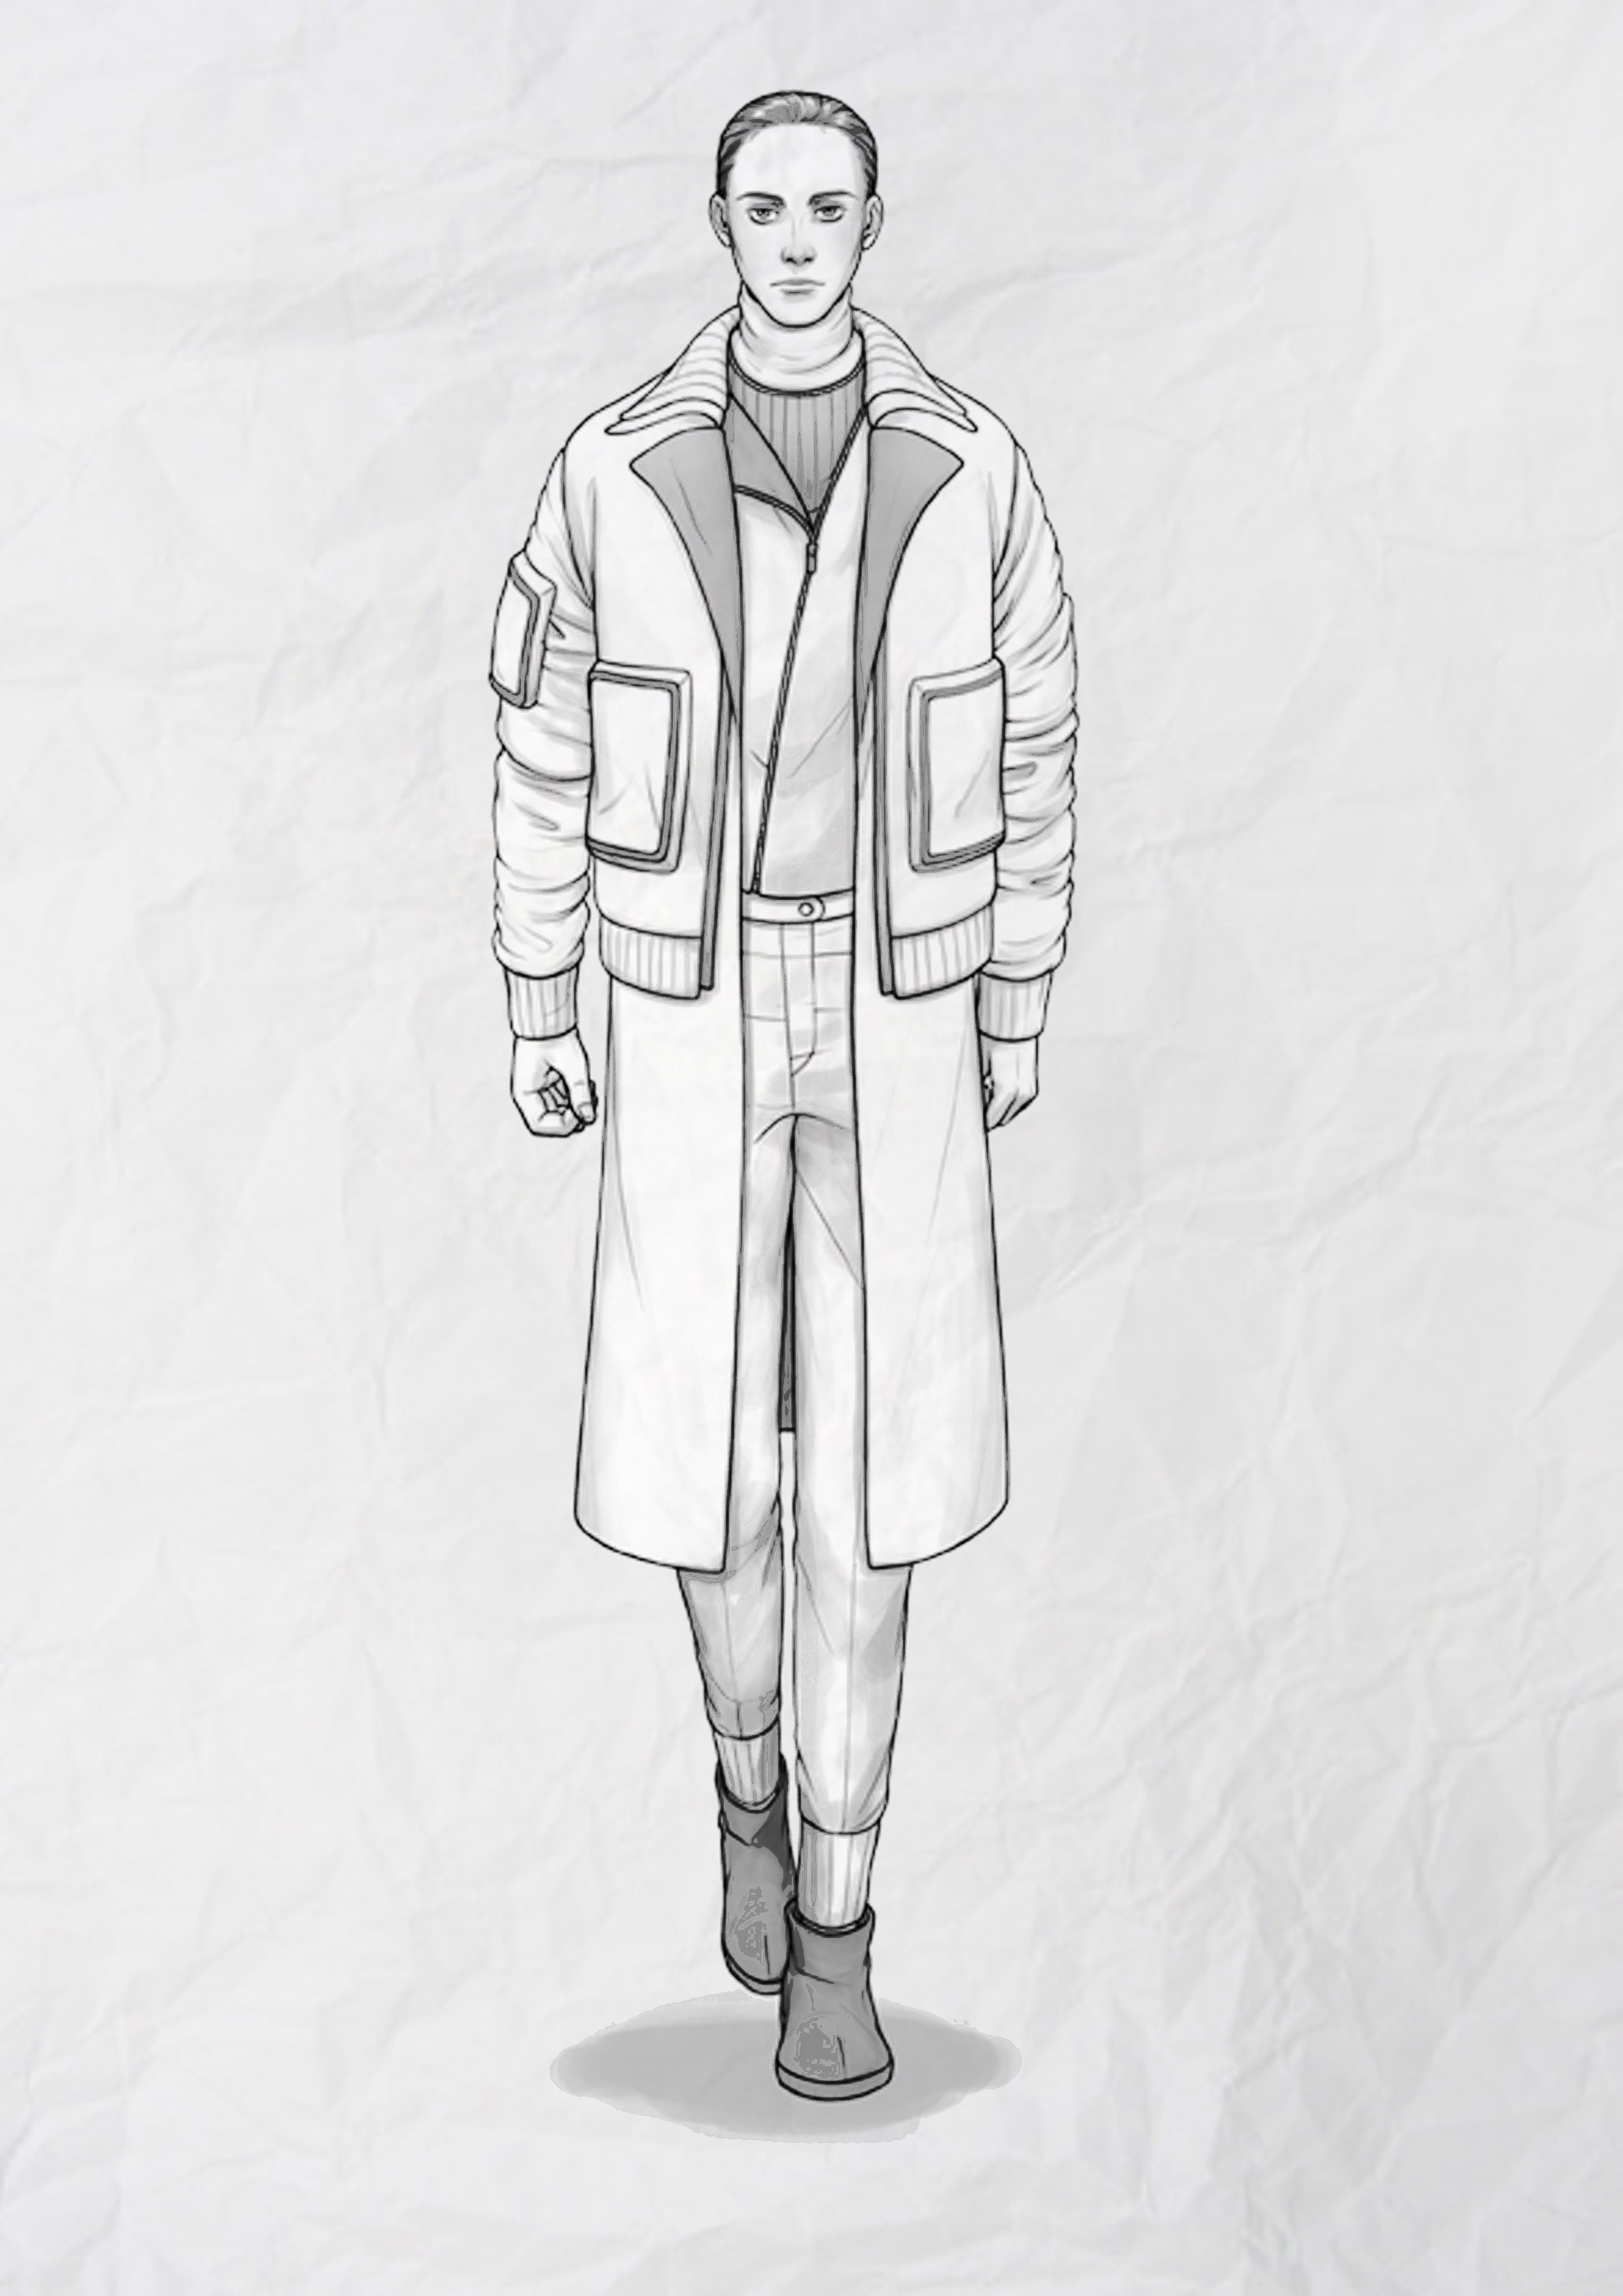 Male Fashion Illustration found on http://www.ideasfashion.co ...